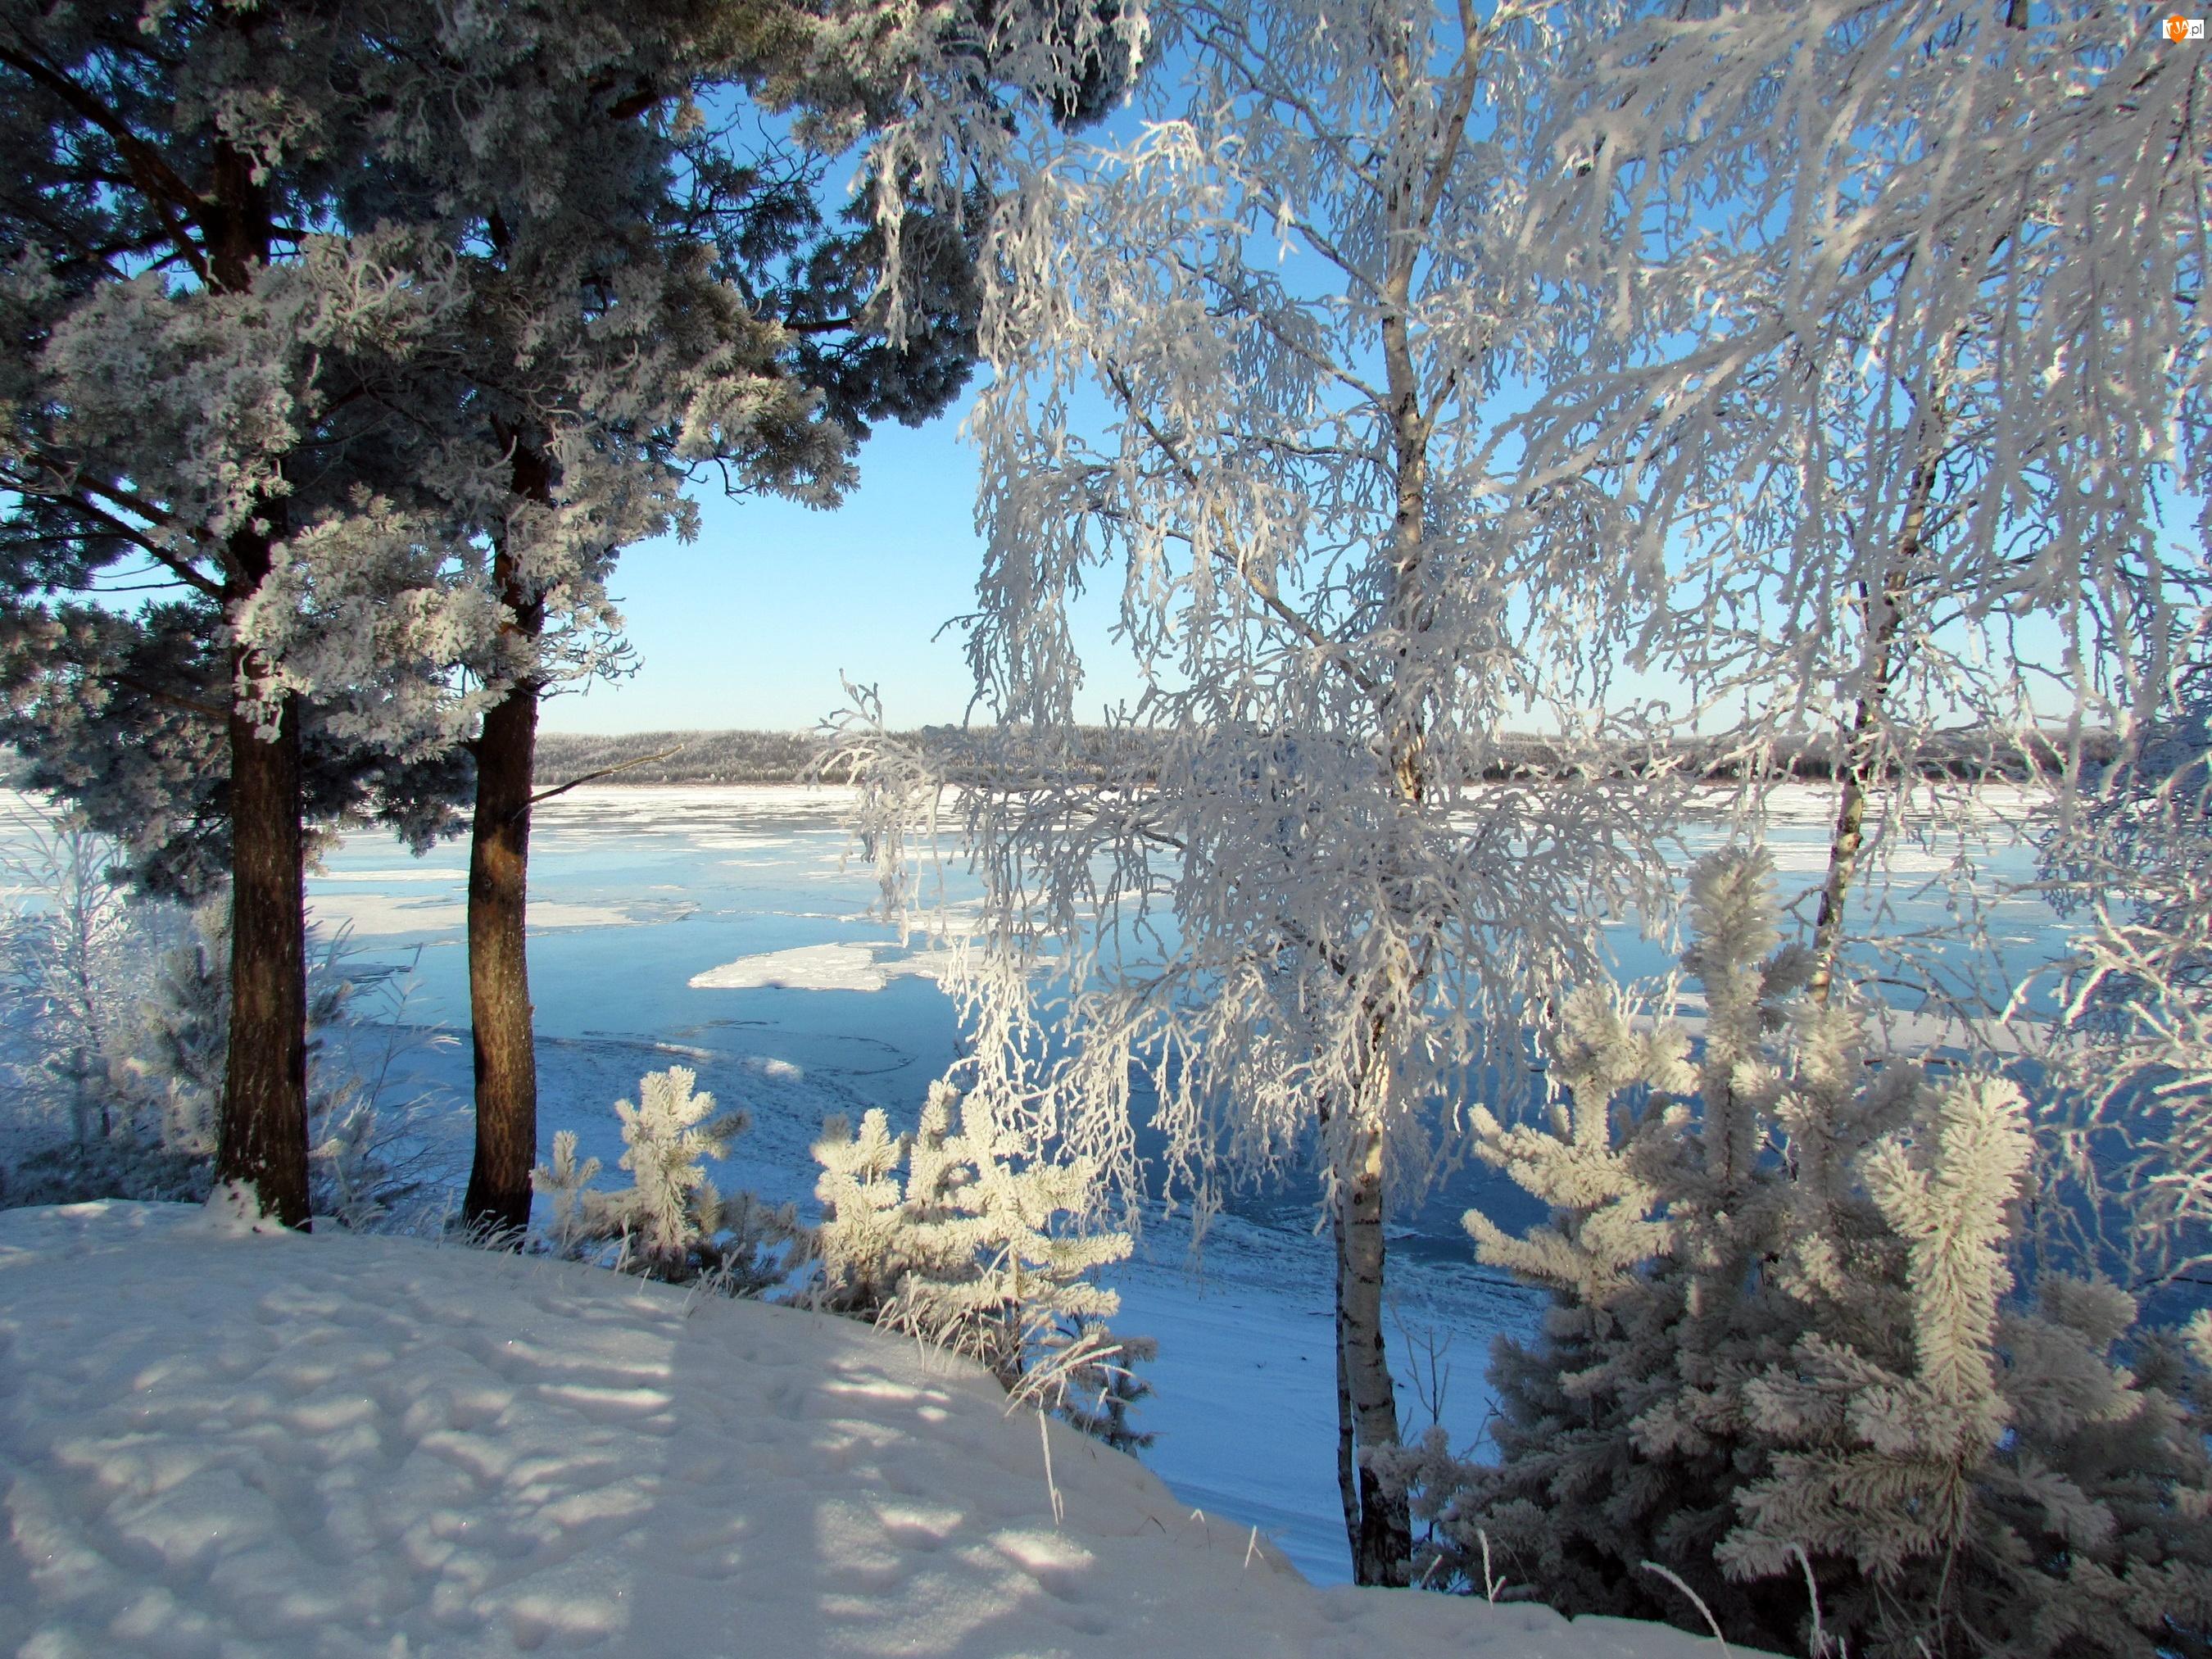 Rosja, Zima, Drzewa, Rzeka, Śnieg